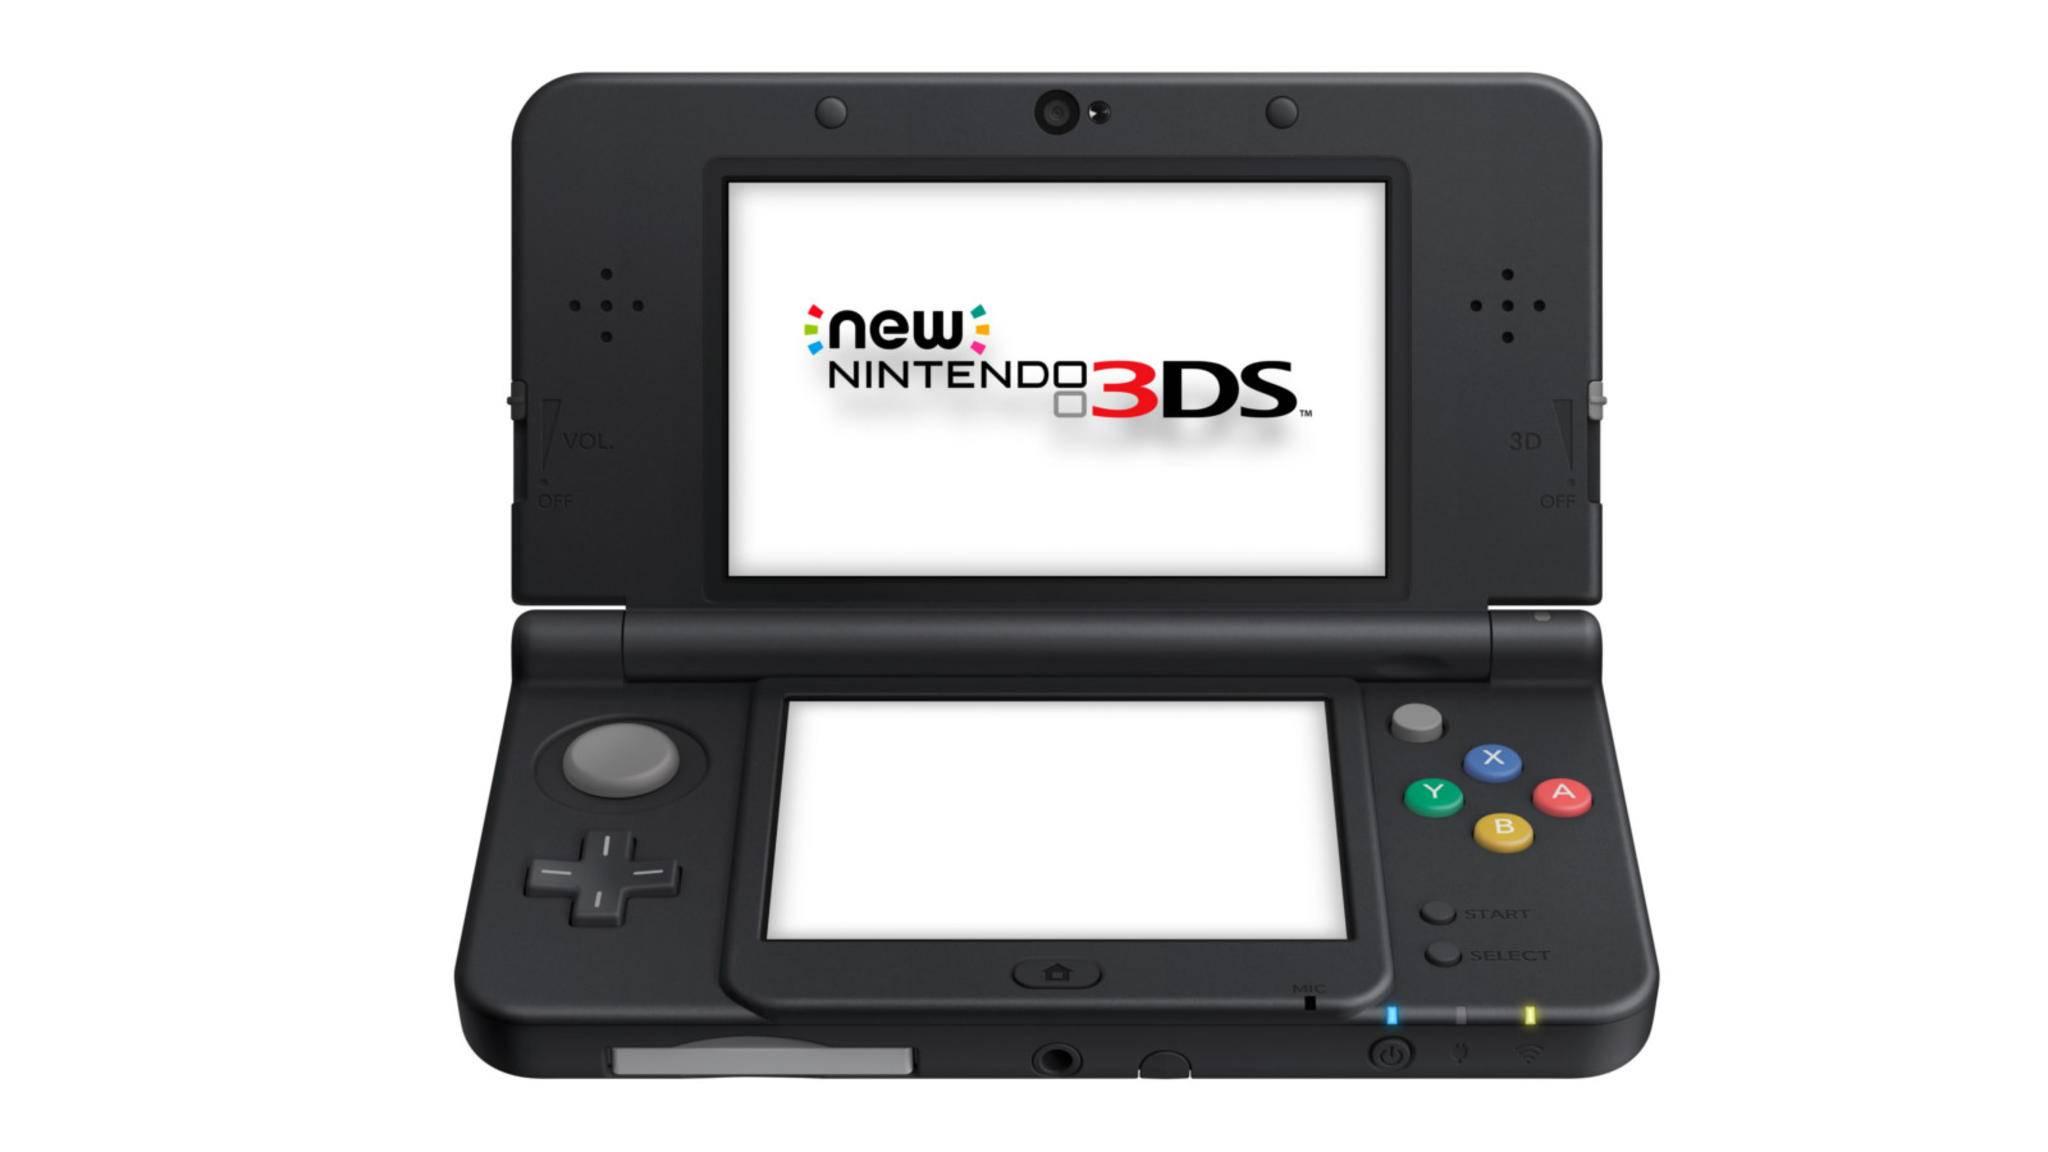 Die Geräte der 3DS-Familie werden weiter mit Neuheiten versorgt.